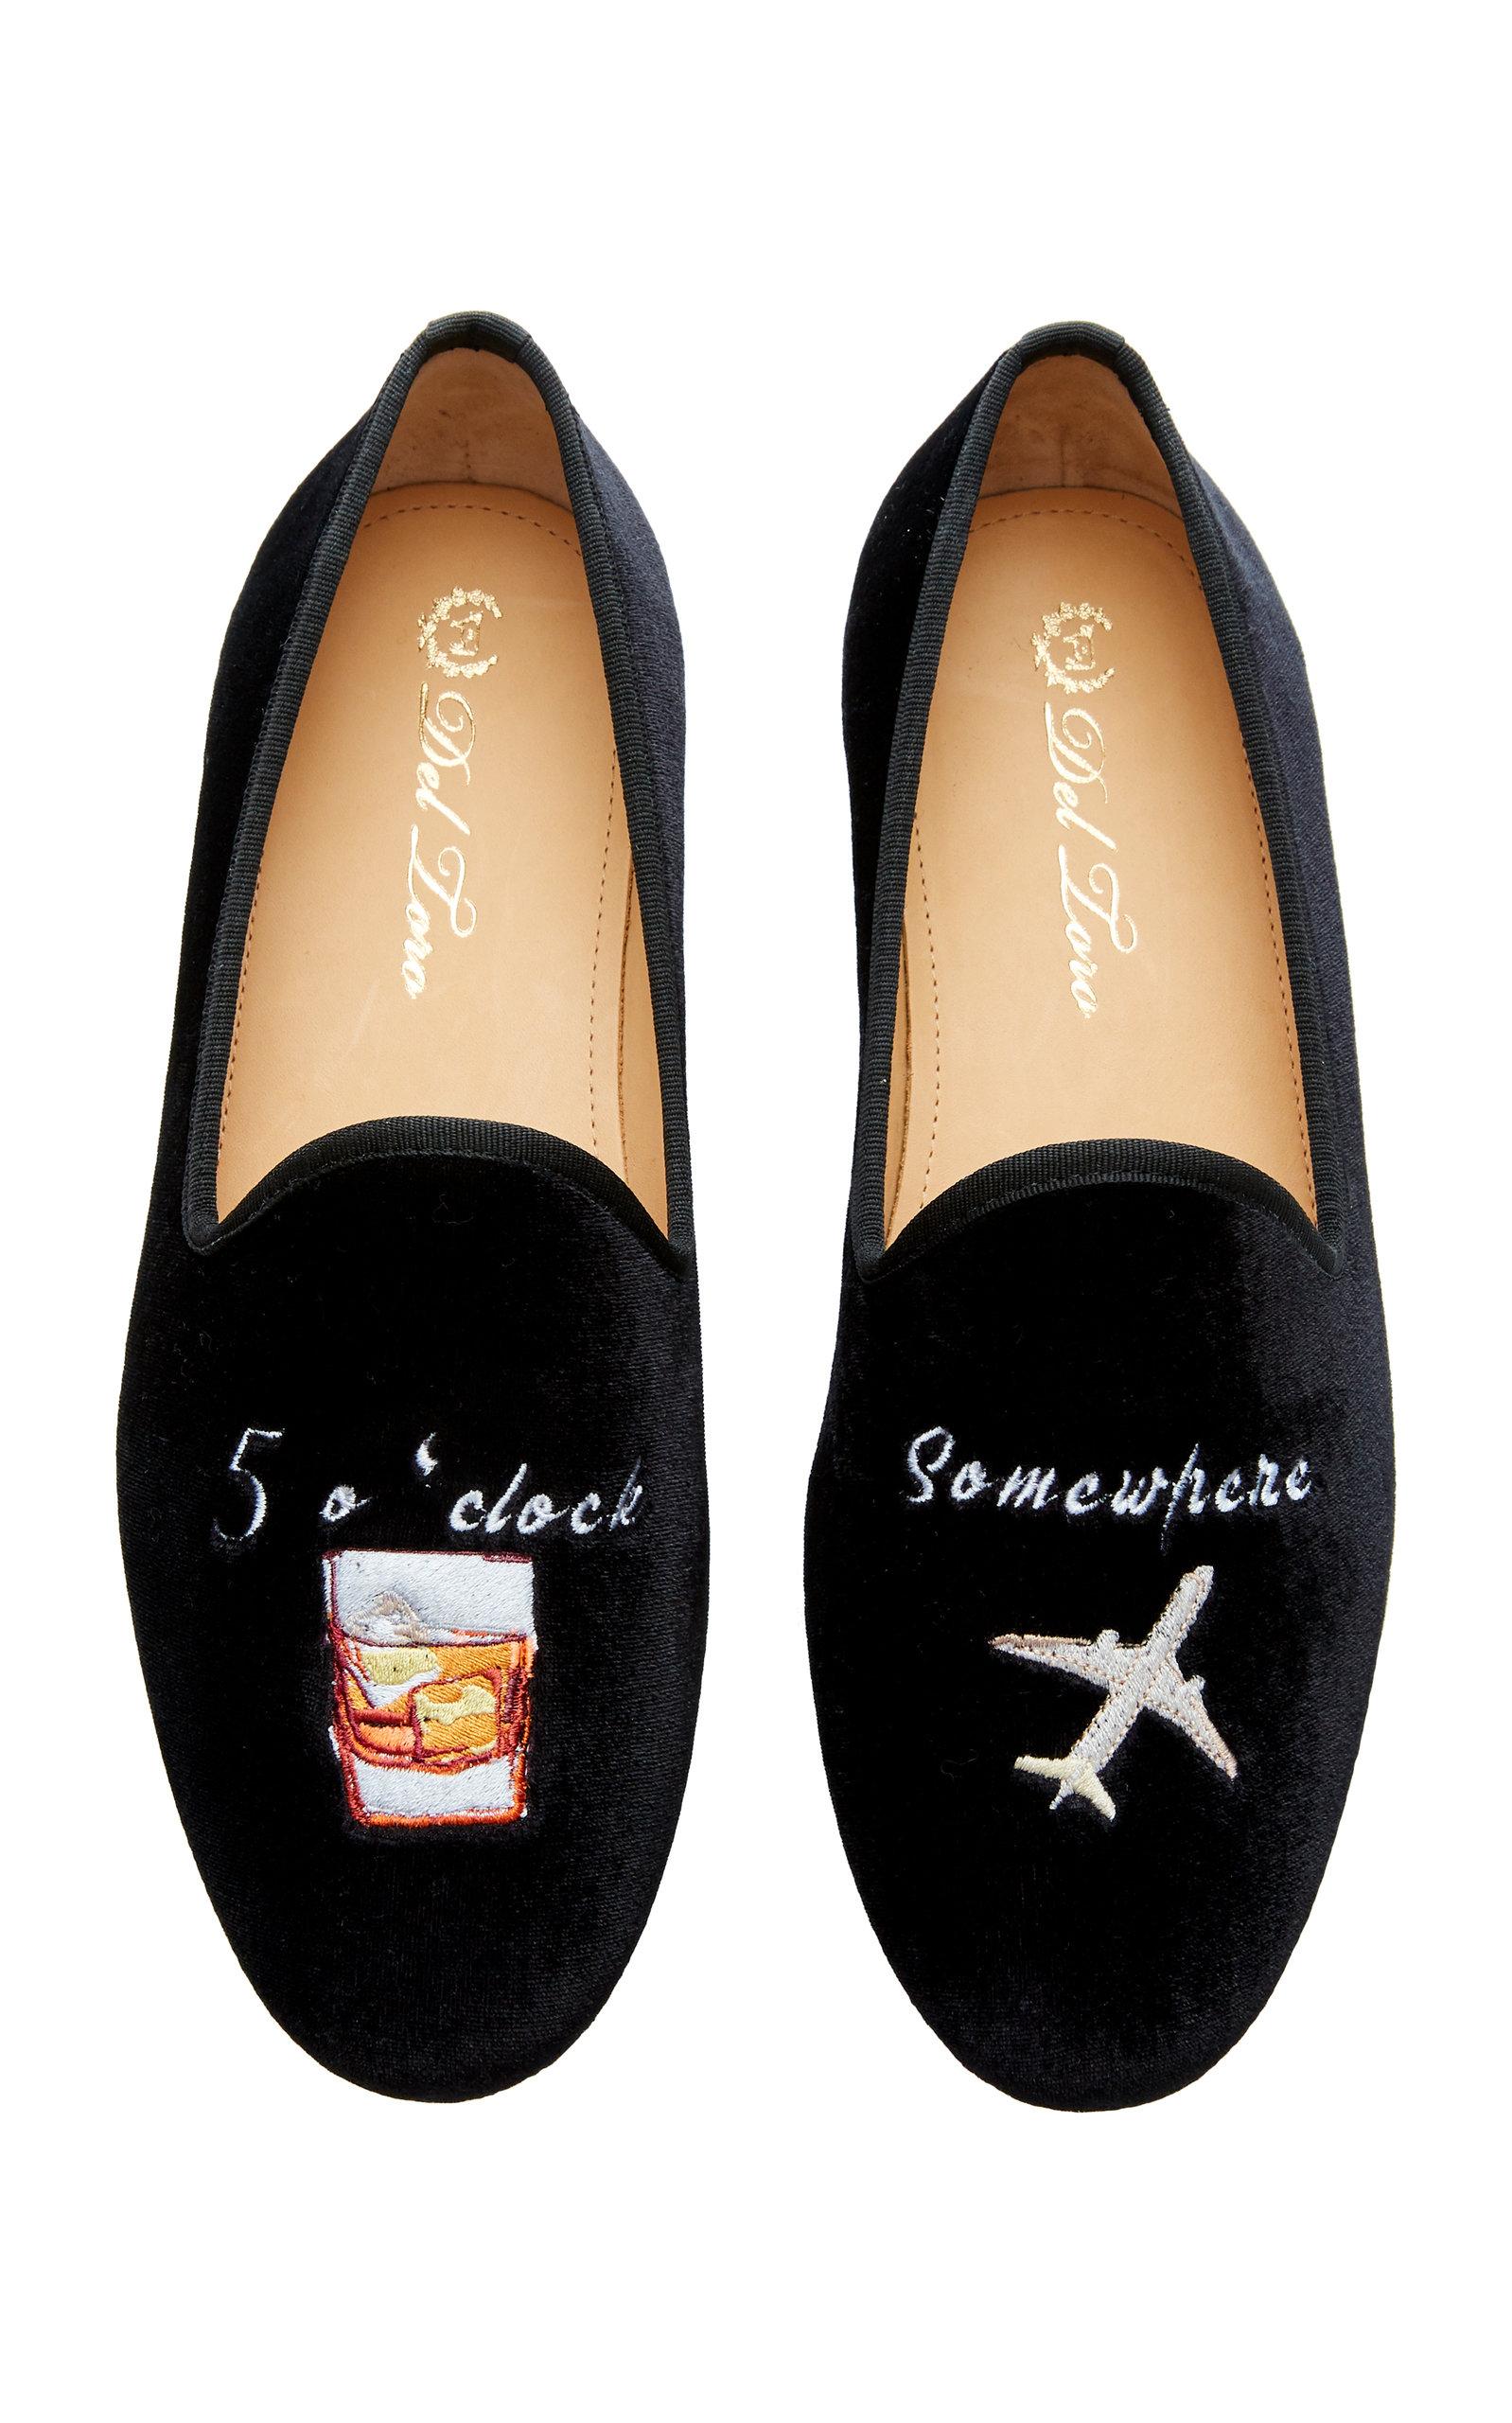 fdeeb2635 Del Toro x Moda Operandi 5 O'Clock Velvet Loafers by Del Toro | Moda ...